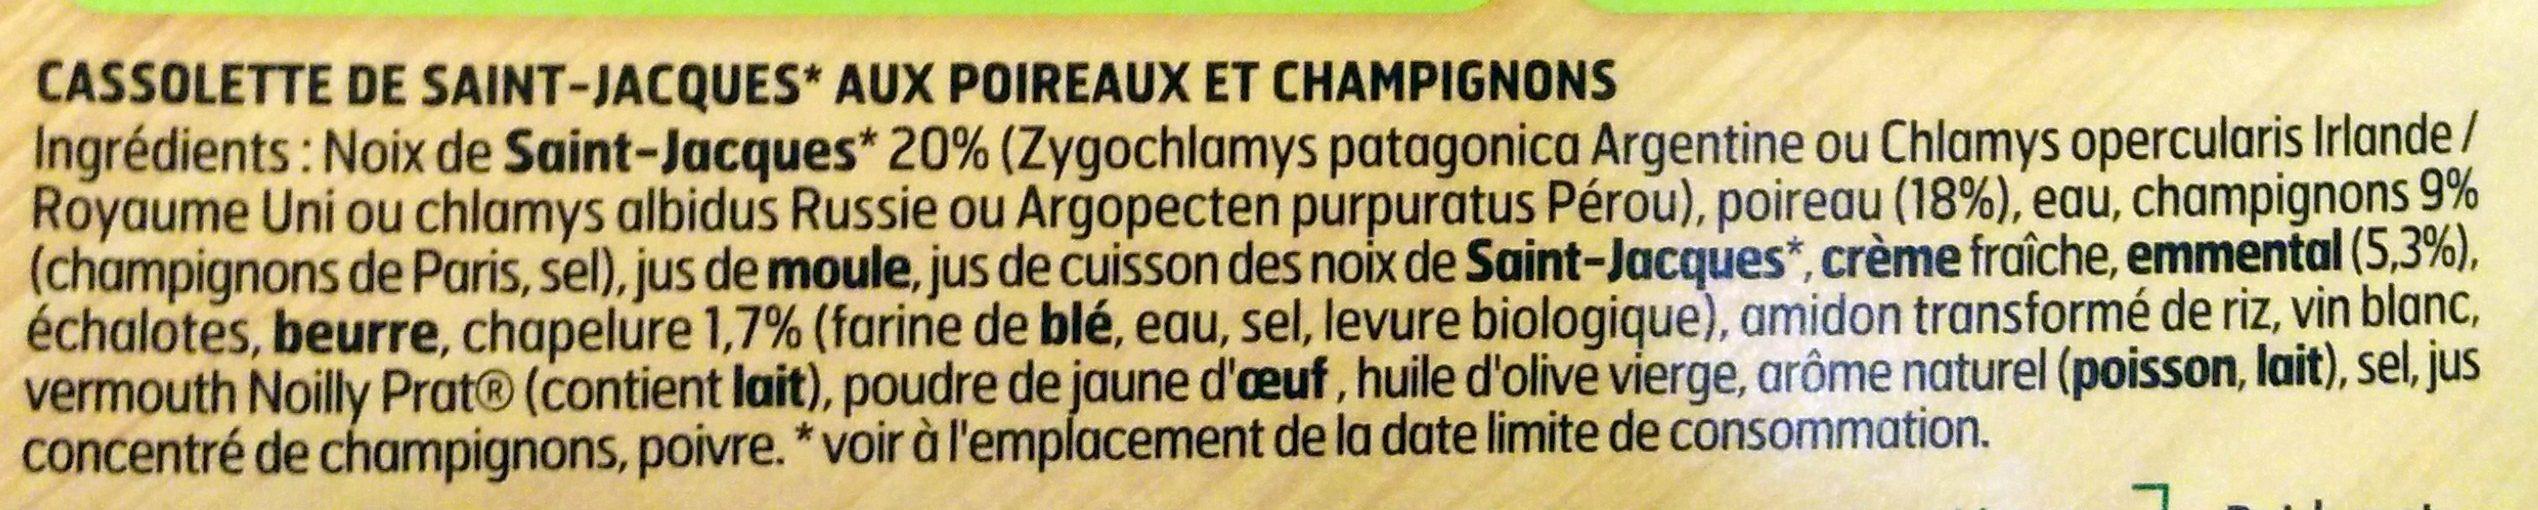 Cassolette de Saint-Jacques Poireaux et Champignons - Ingredientes